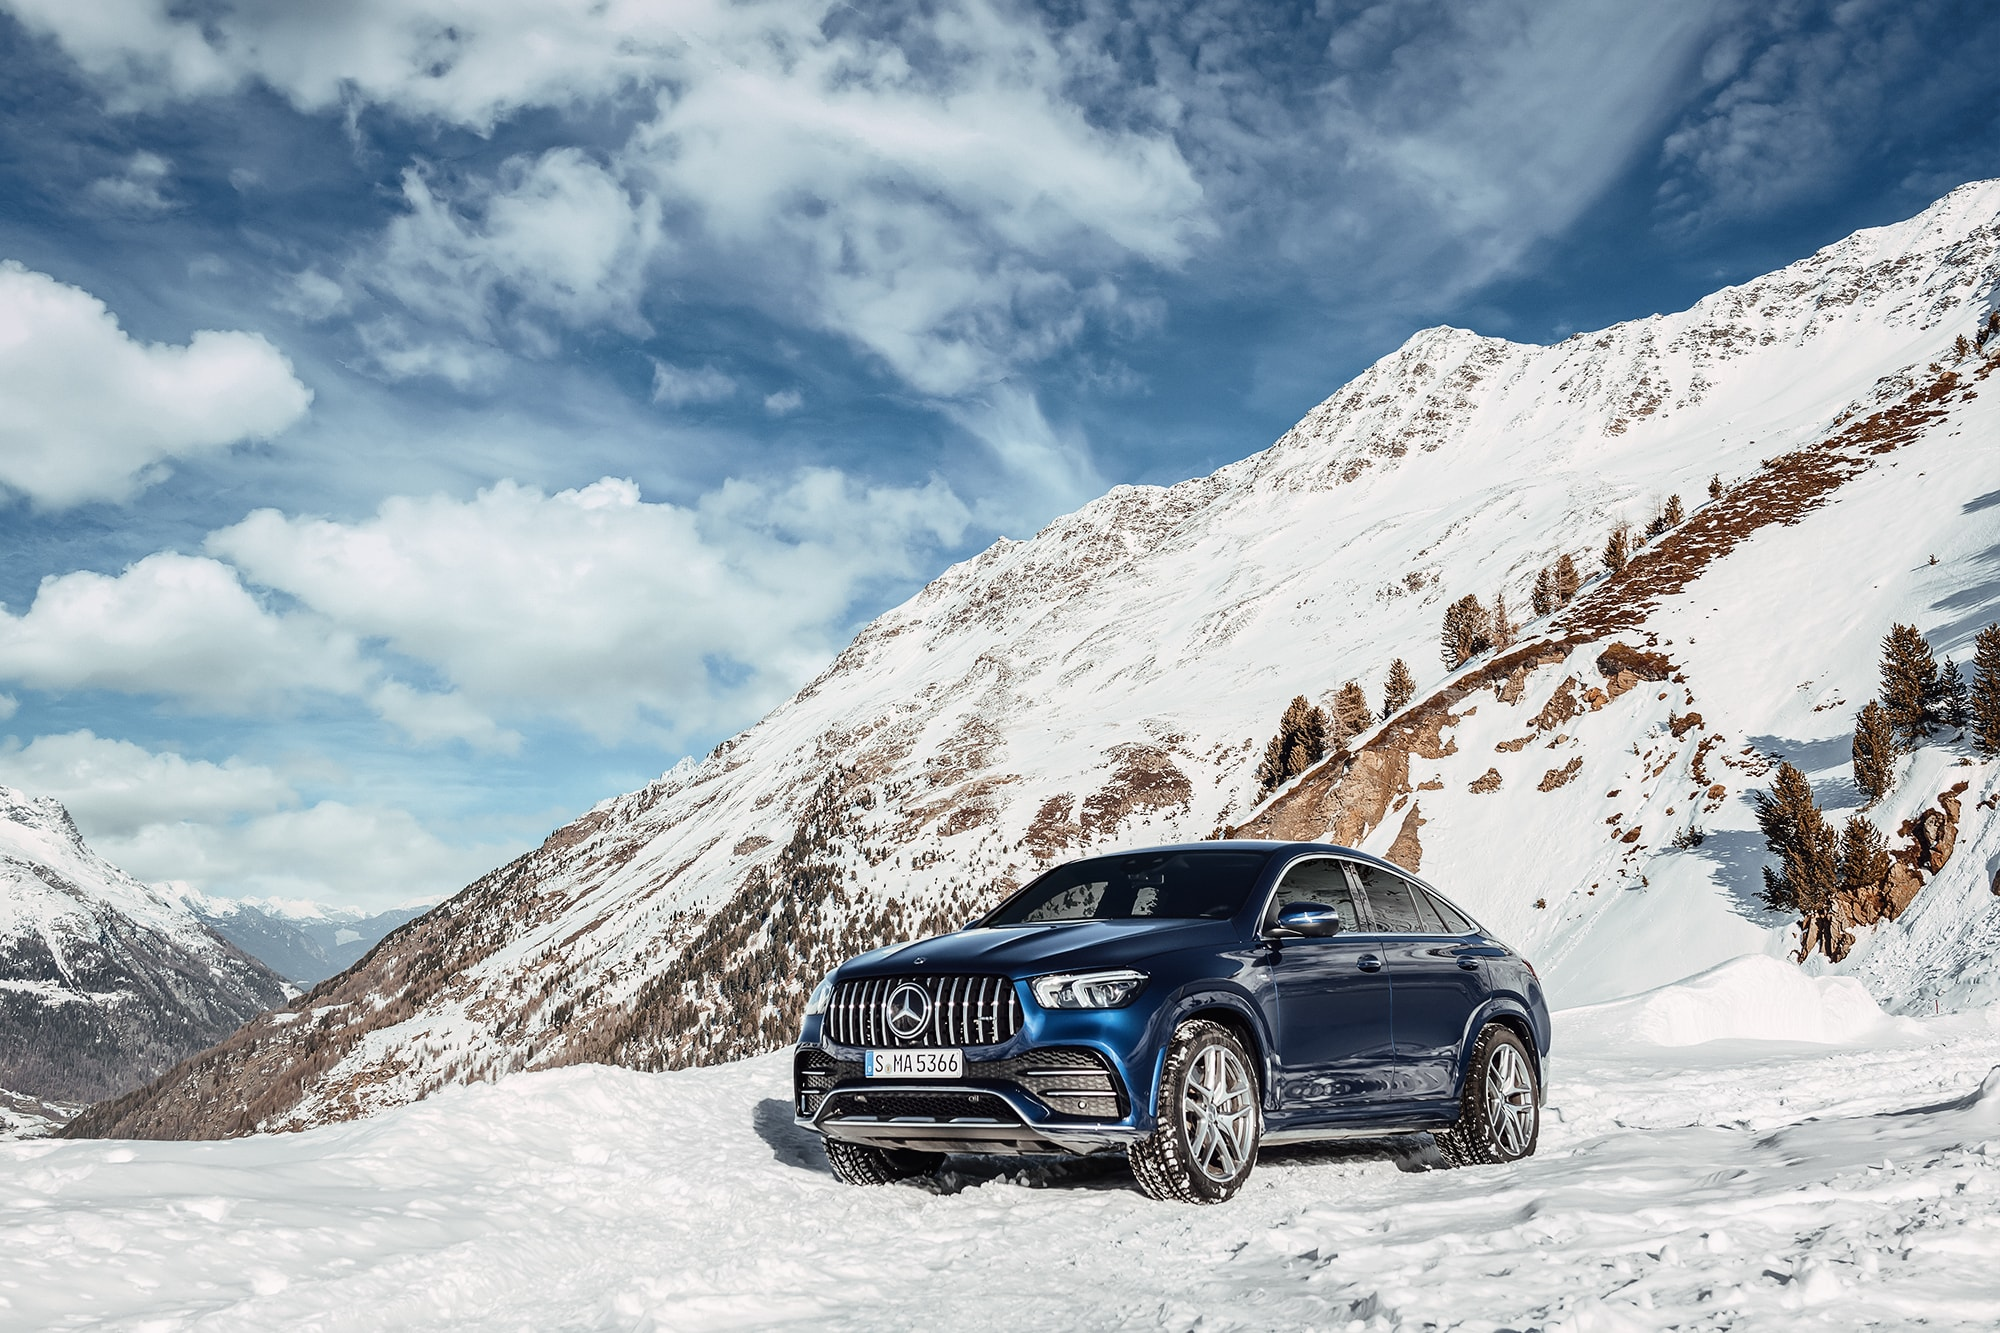 Der Mercedes-AMG GLE Coupé: Die perfekte Kombination aus Selbstzünder und Elektroantrieb 1